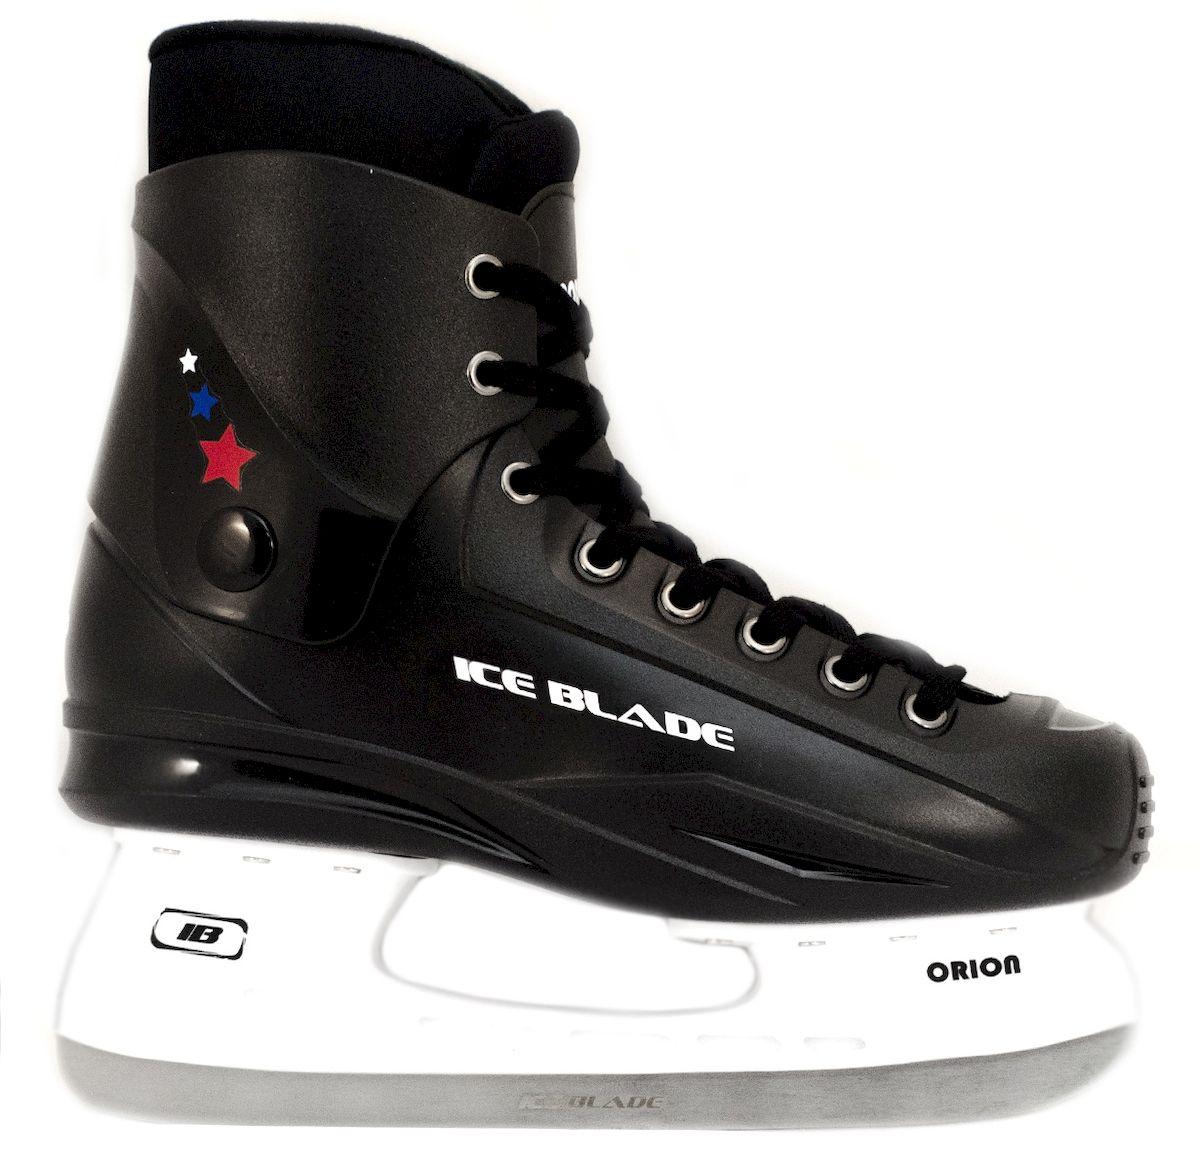 Коньки хоккейные Ice Blade Orion, цвет: черный. УТ-00004984. Размер 42